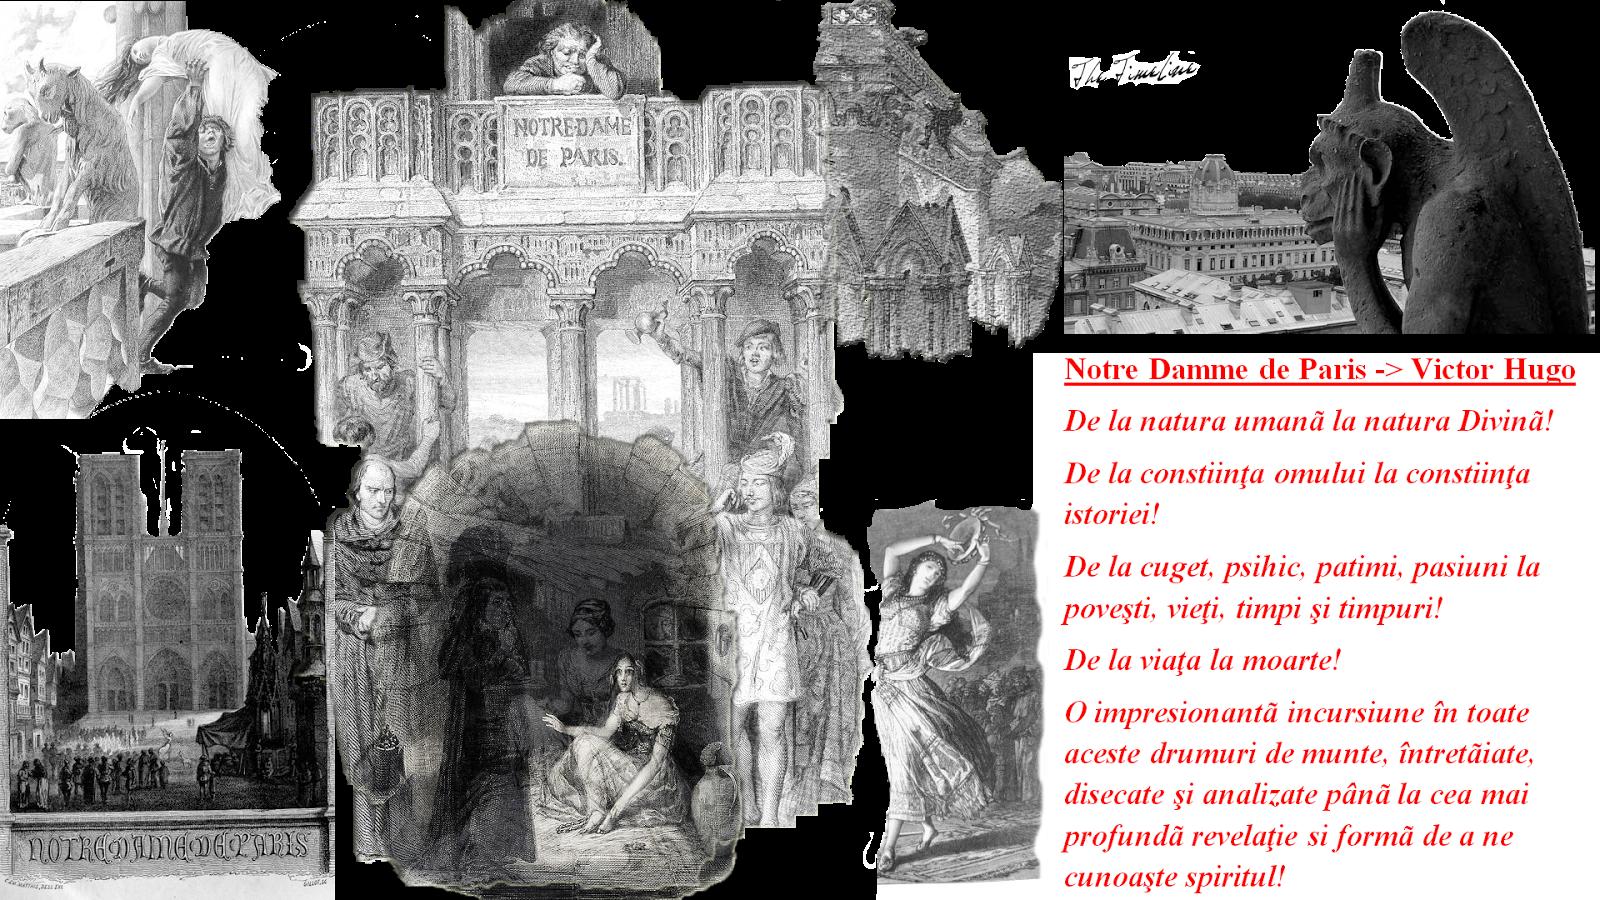 Notre Damme de Paris Victor Hugo Carte roman viata iubire credinta puritate Maria Teodorescu Bahnareanu Wrinkles on my Timeline